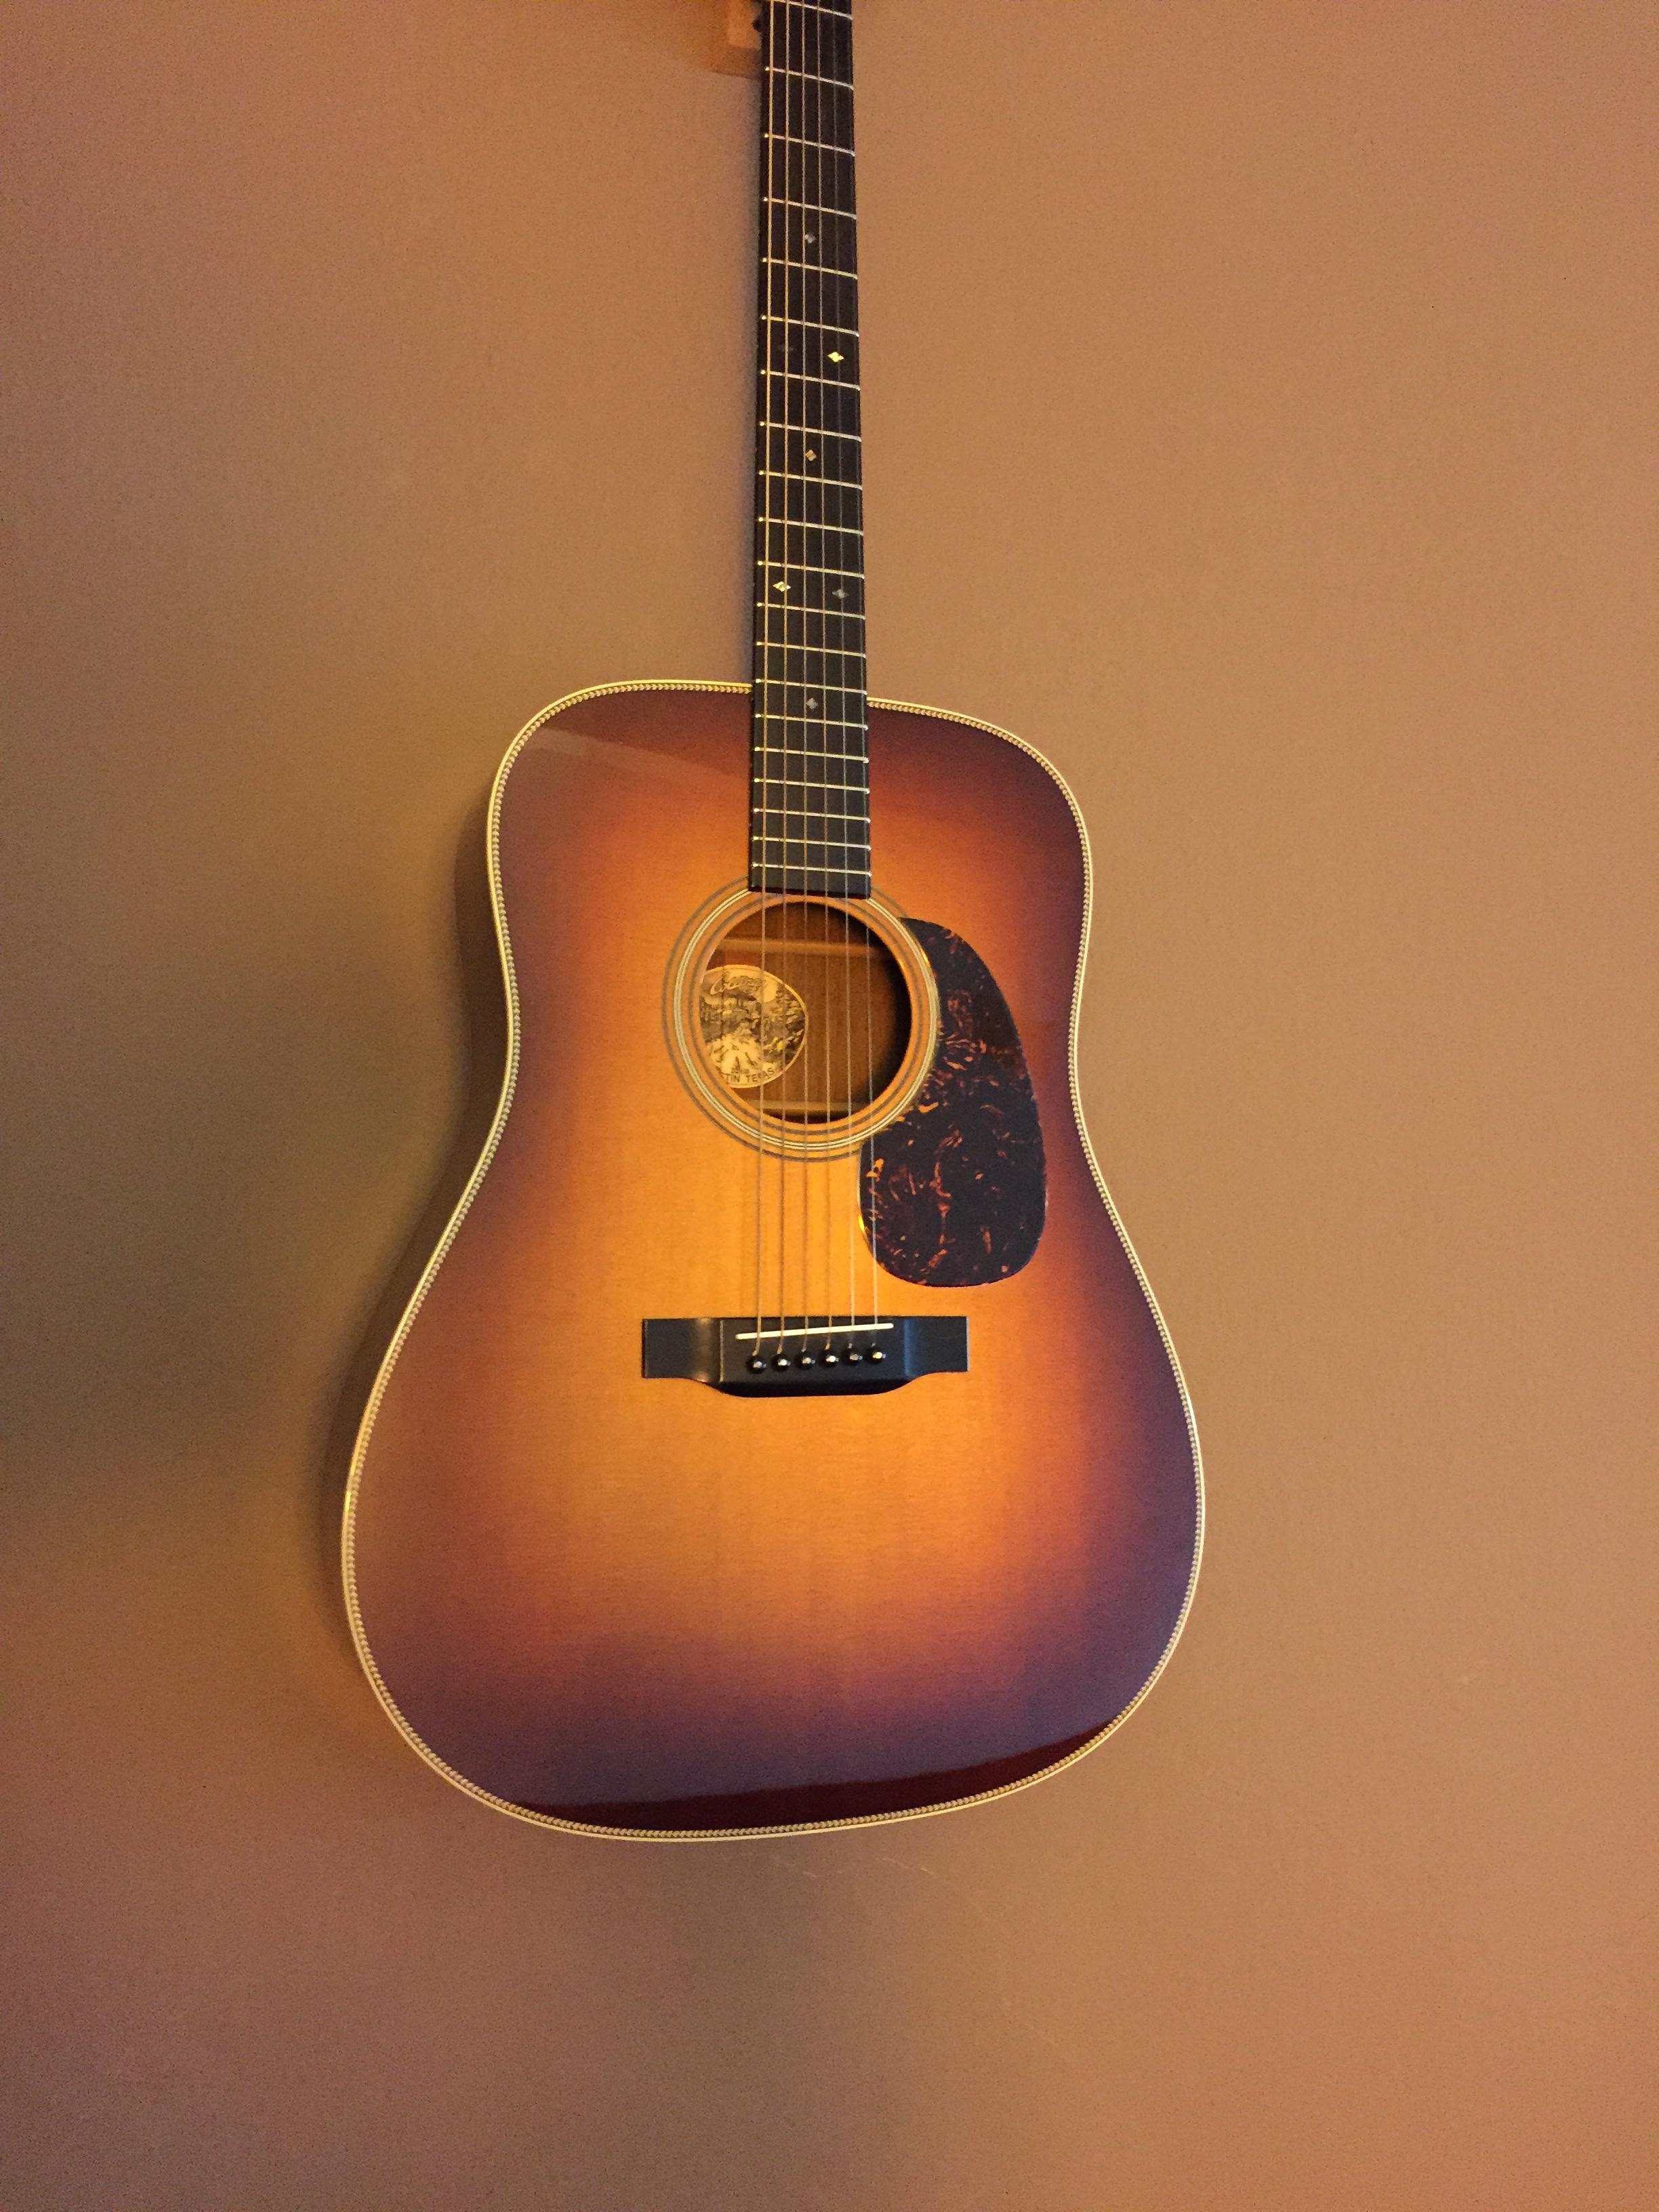 collings d2h sb 2005 sunurst guitar for sale the wooden. Black Bedroom Furniture Sets. Home Design Ideas